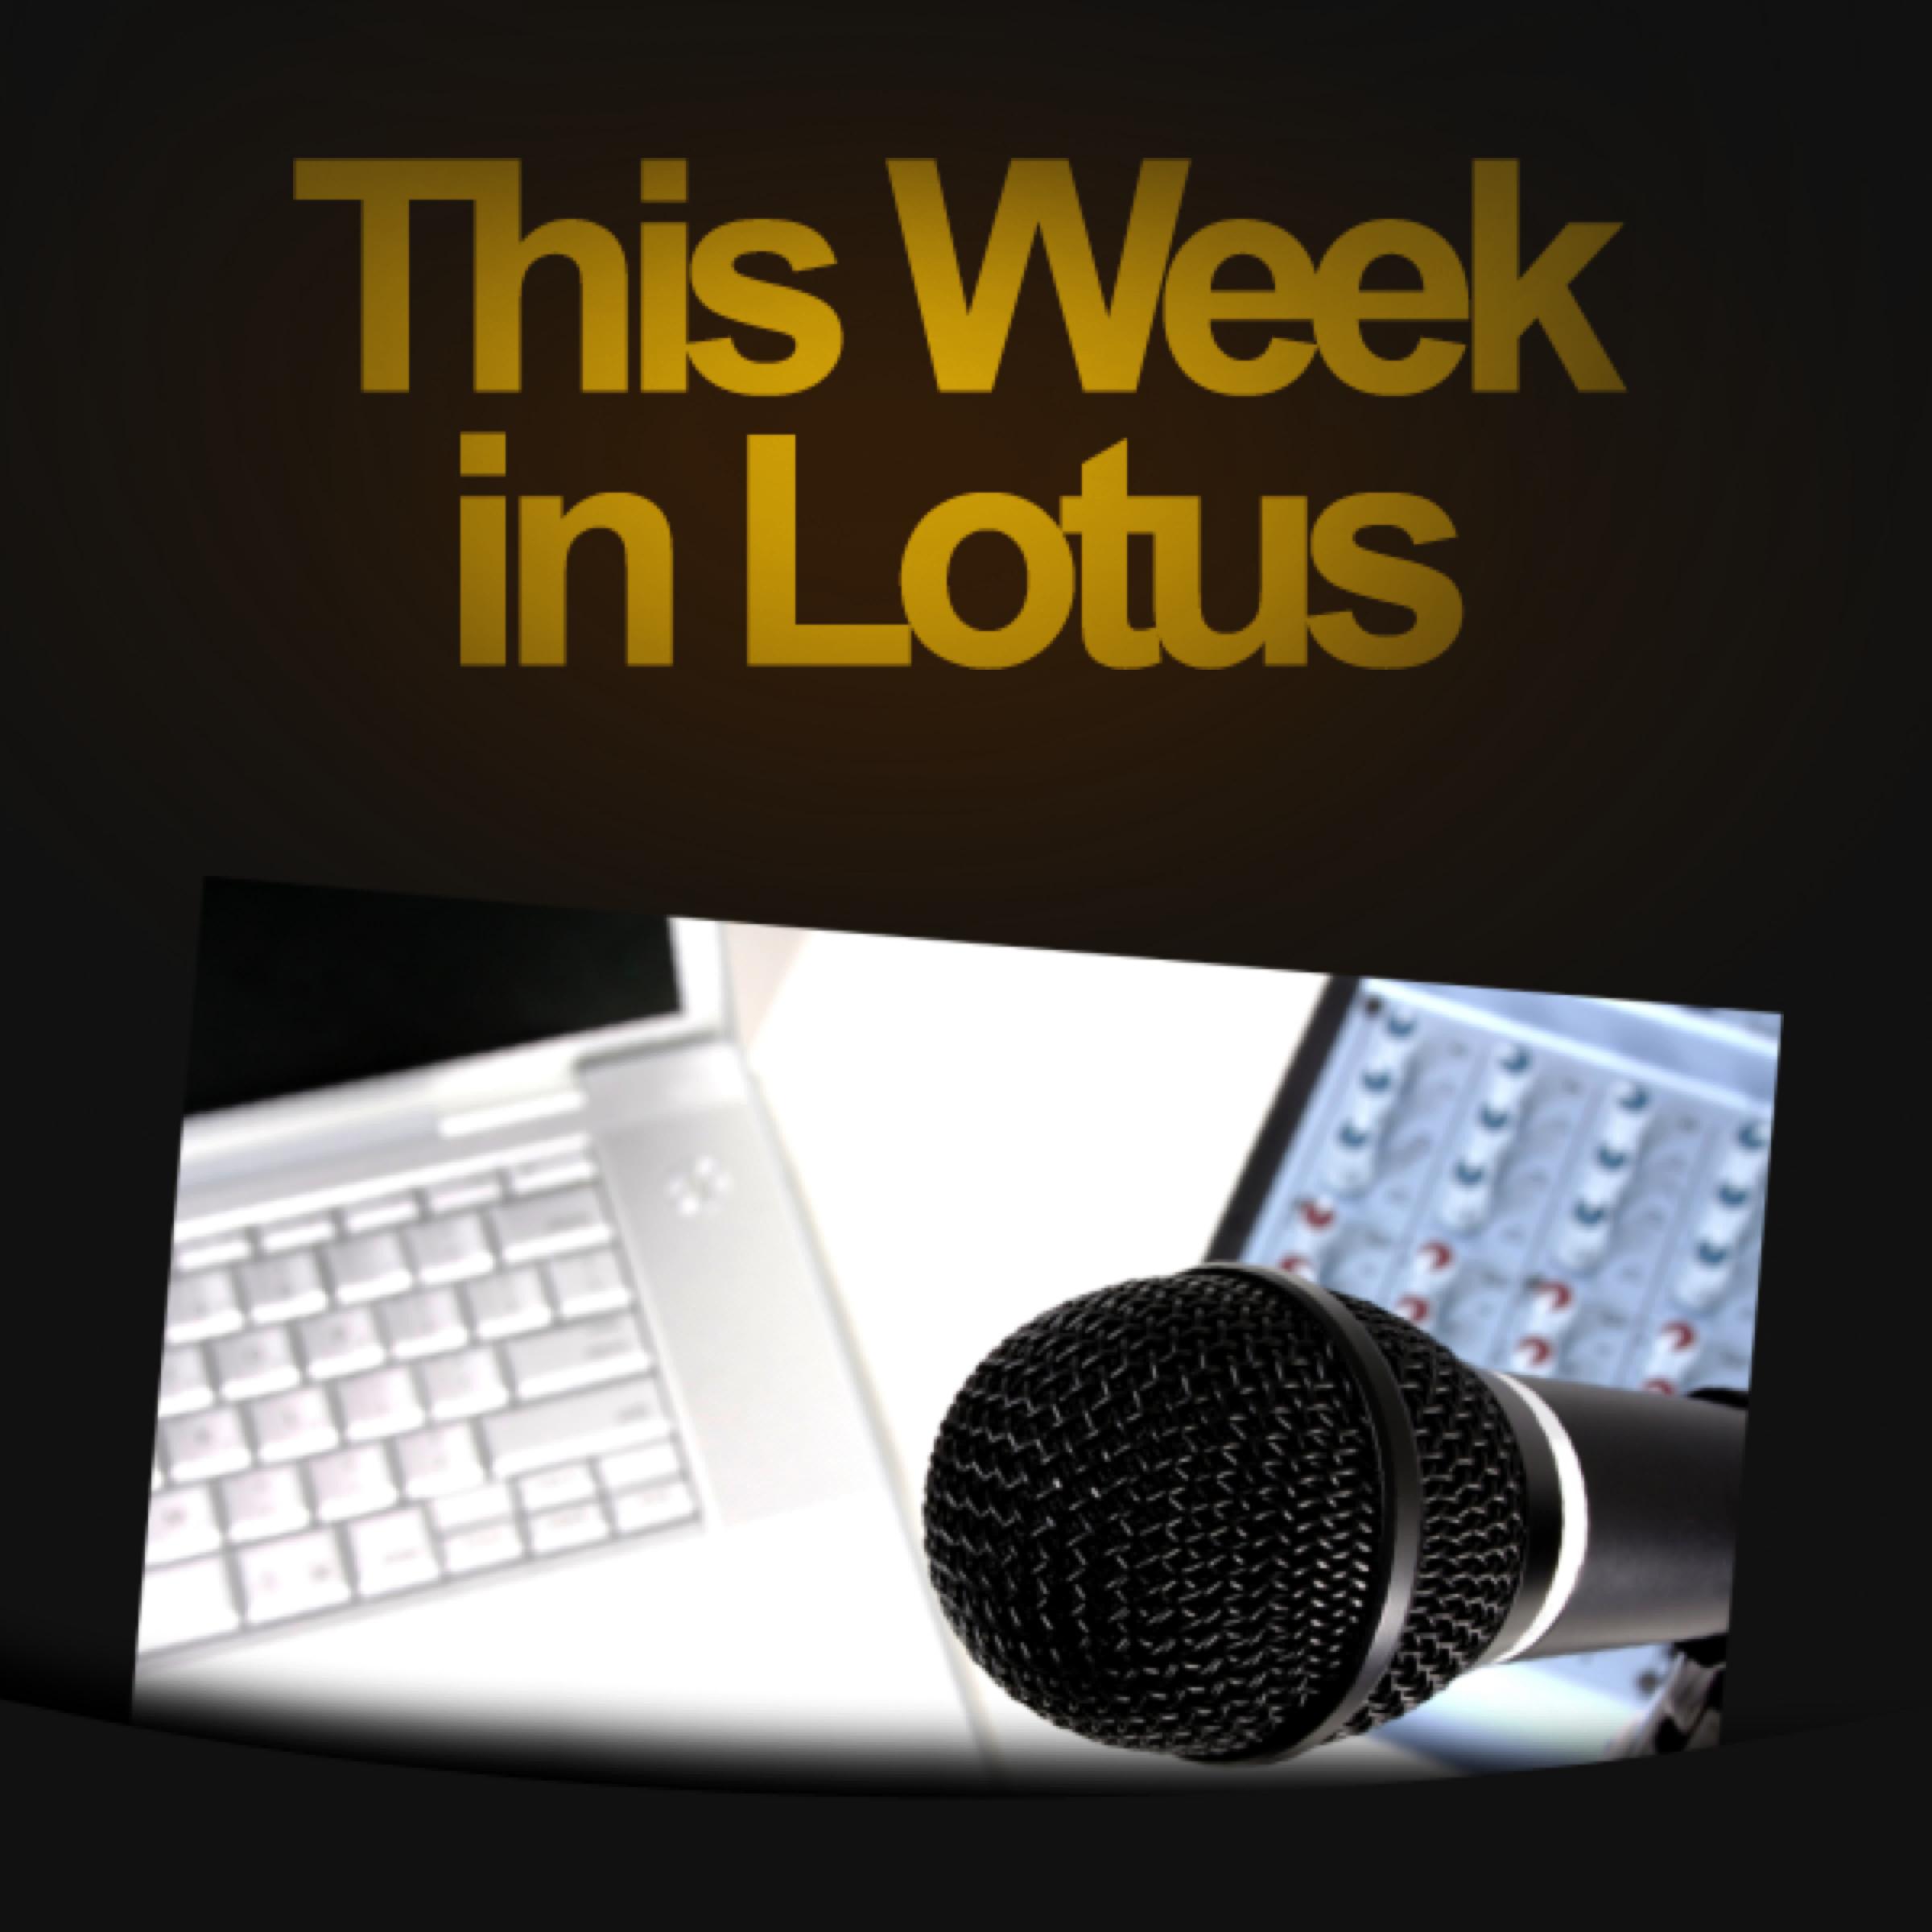 This Week in Lotus